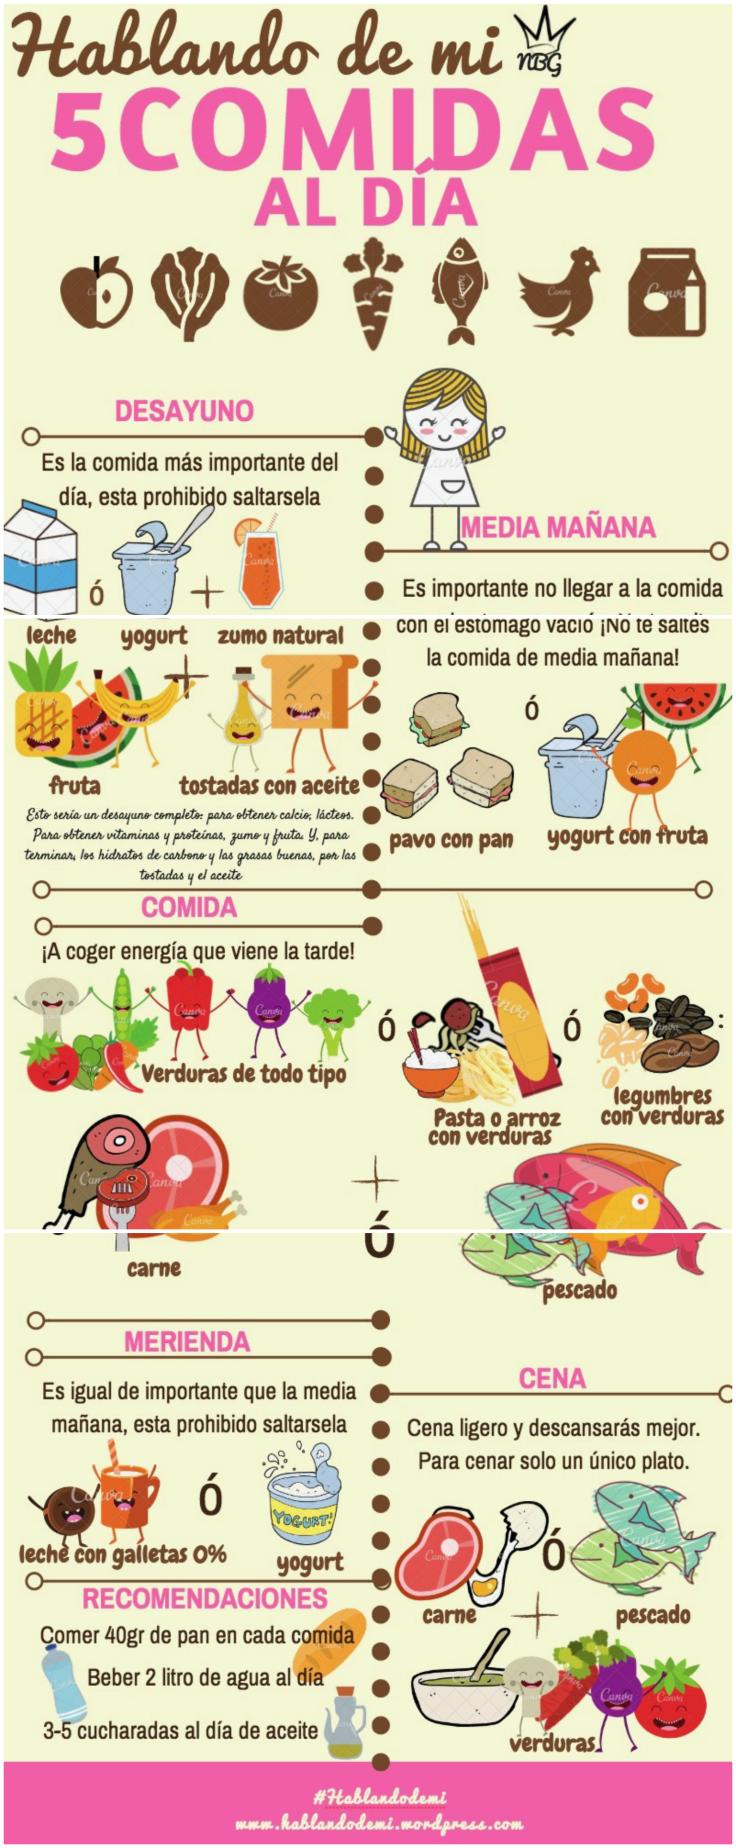 Bajar de alimentos tabla para de peso de porciones